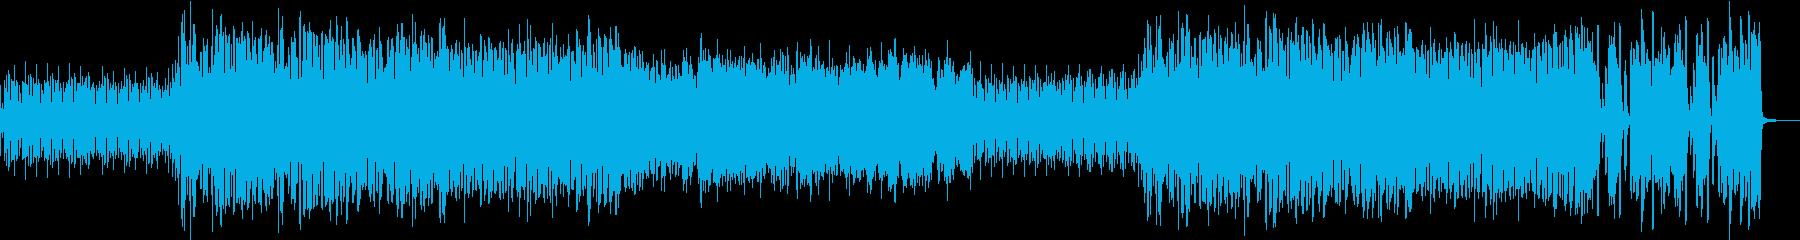 和風戦闘曲の再生済みの波形